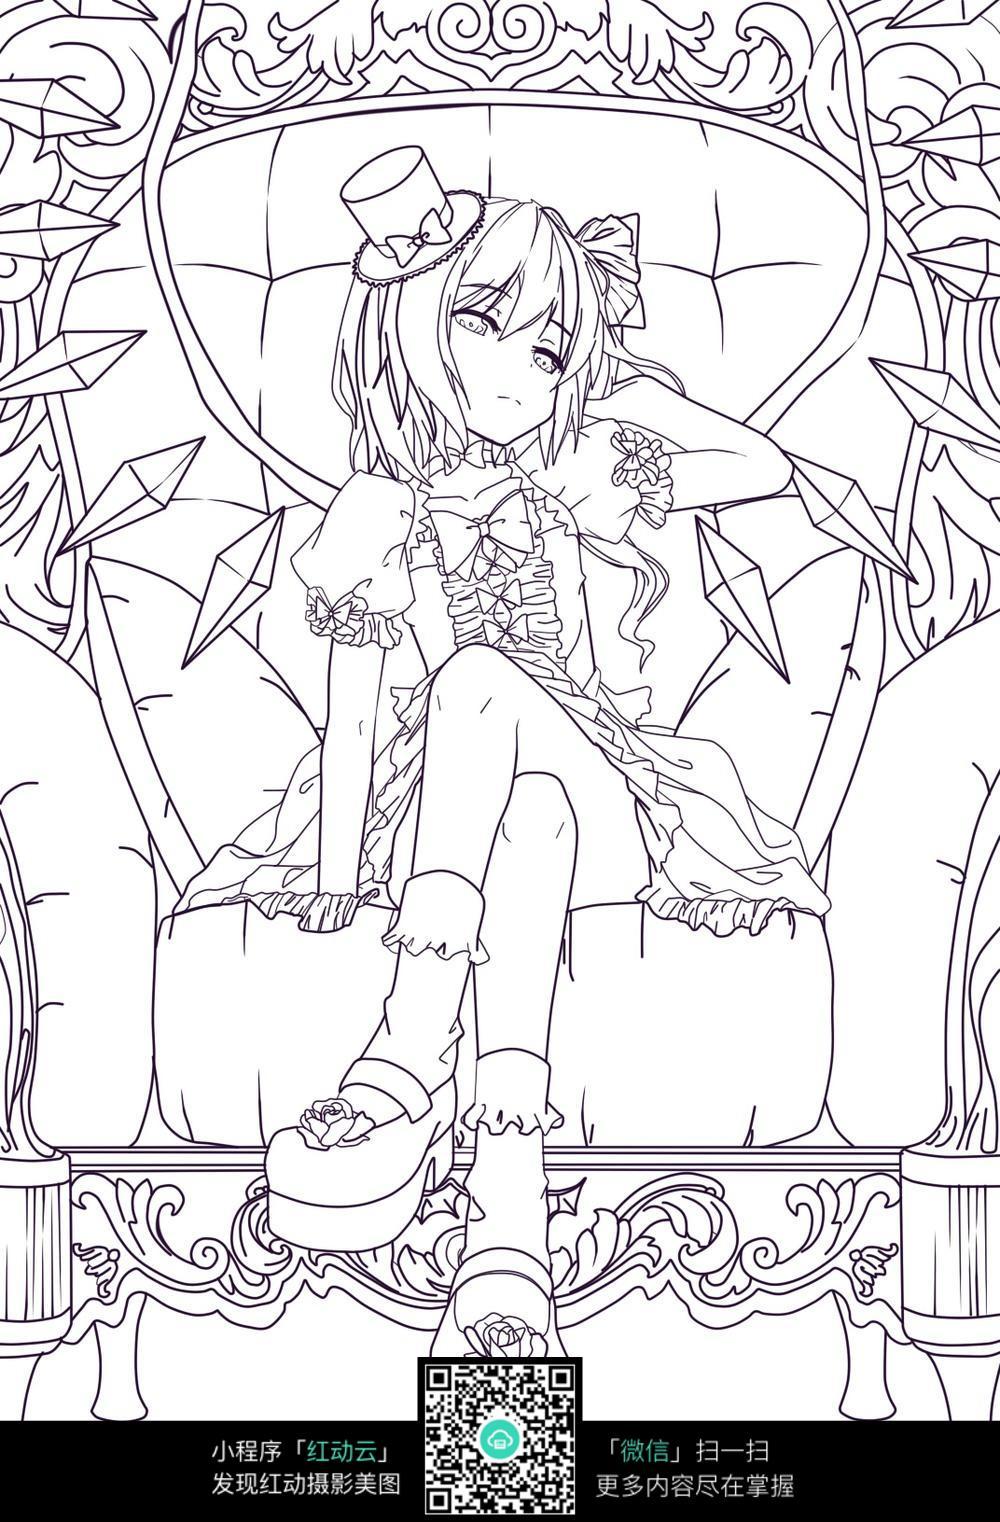 座椅上的动漫女生